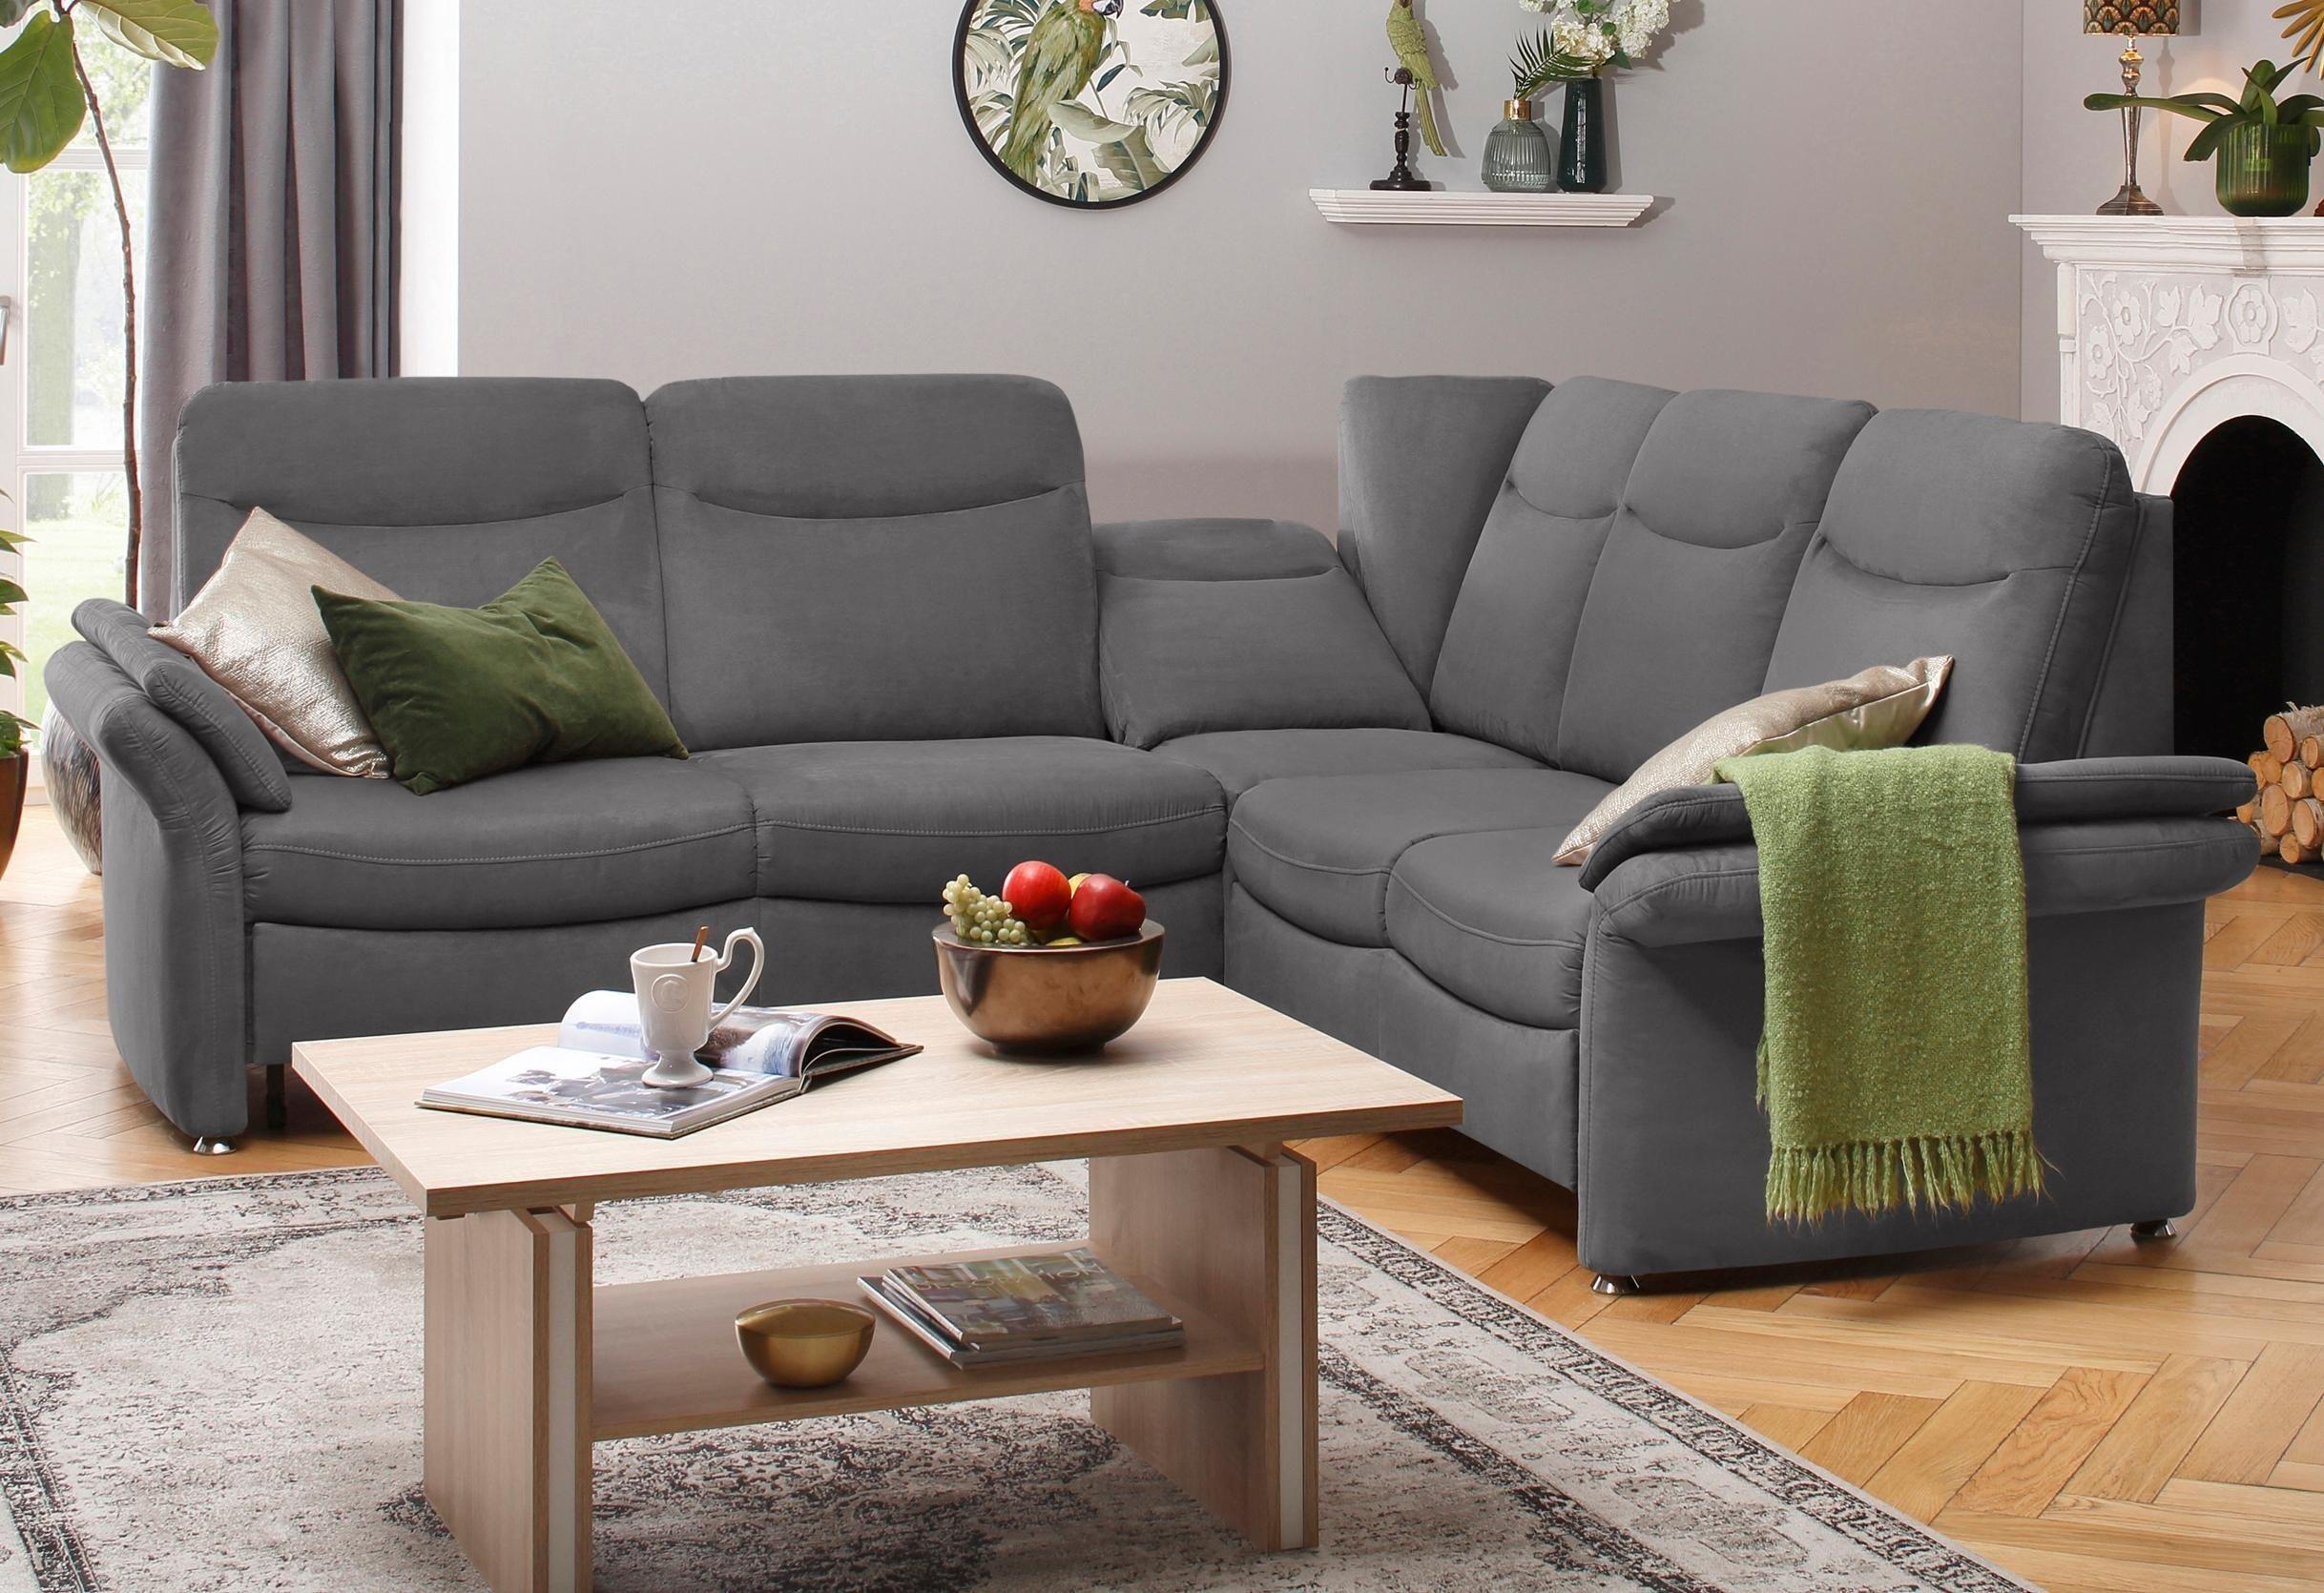 Leder Sofas Gunstig Best Online Furniture Store In Delhi Sofa